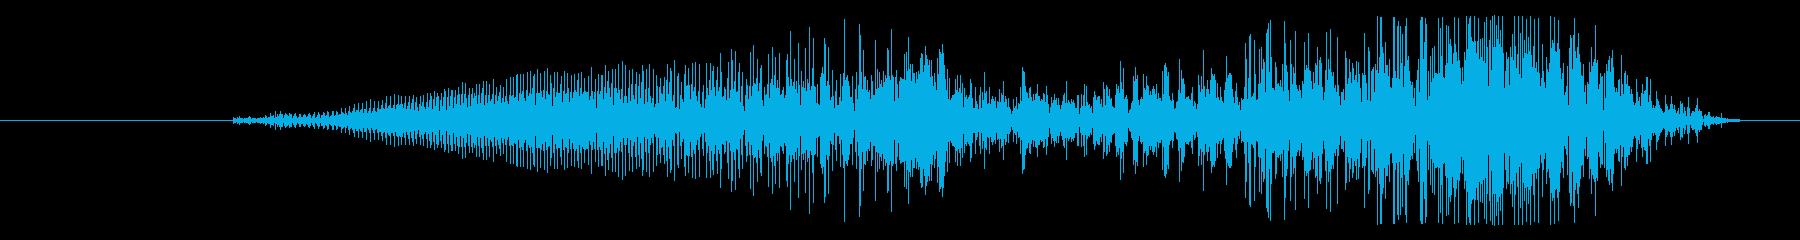 モンスター ペインフルクライハイ17の再生済みの波形